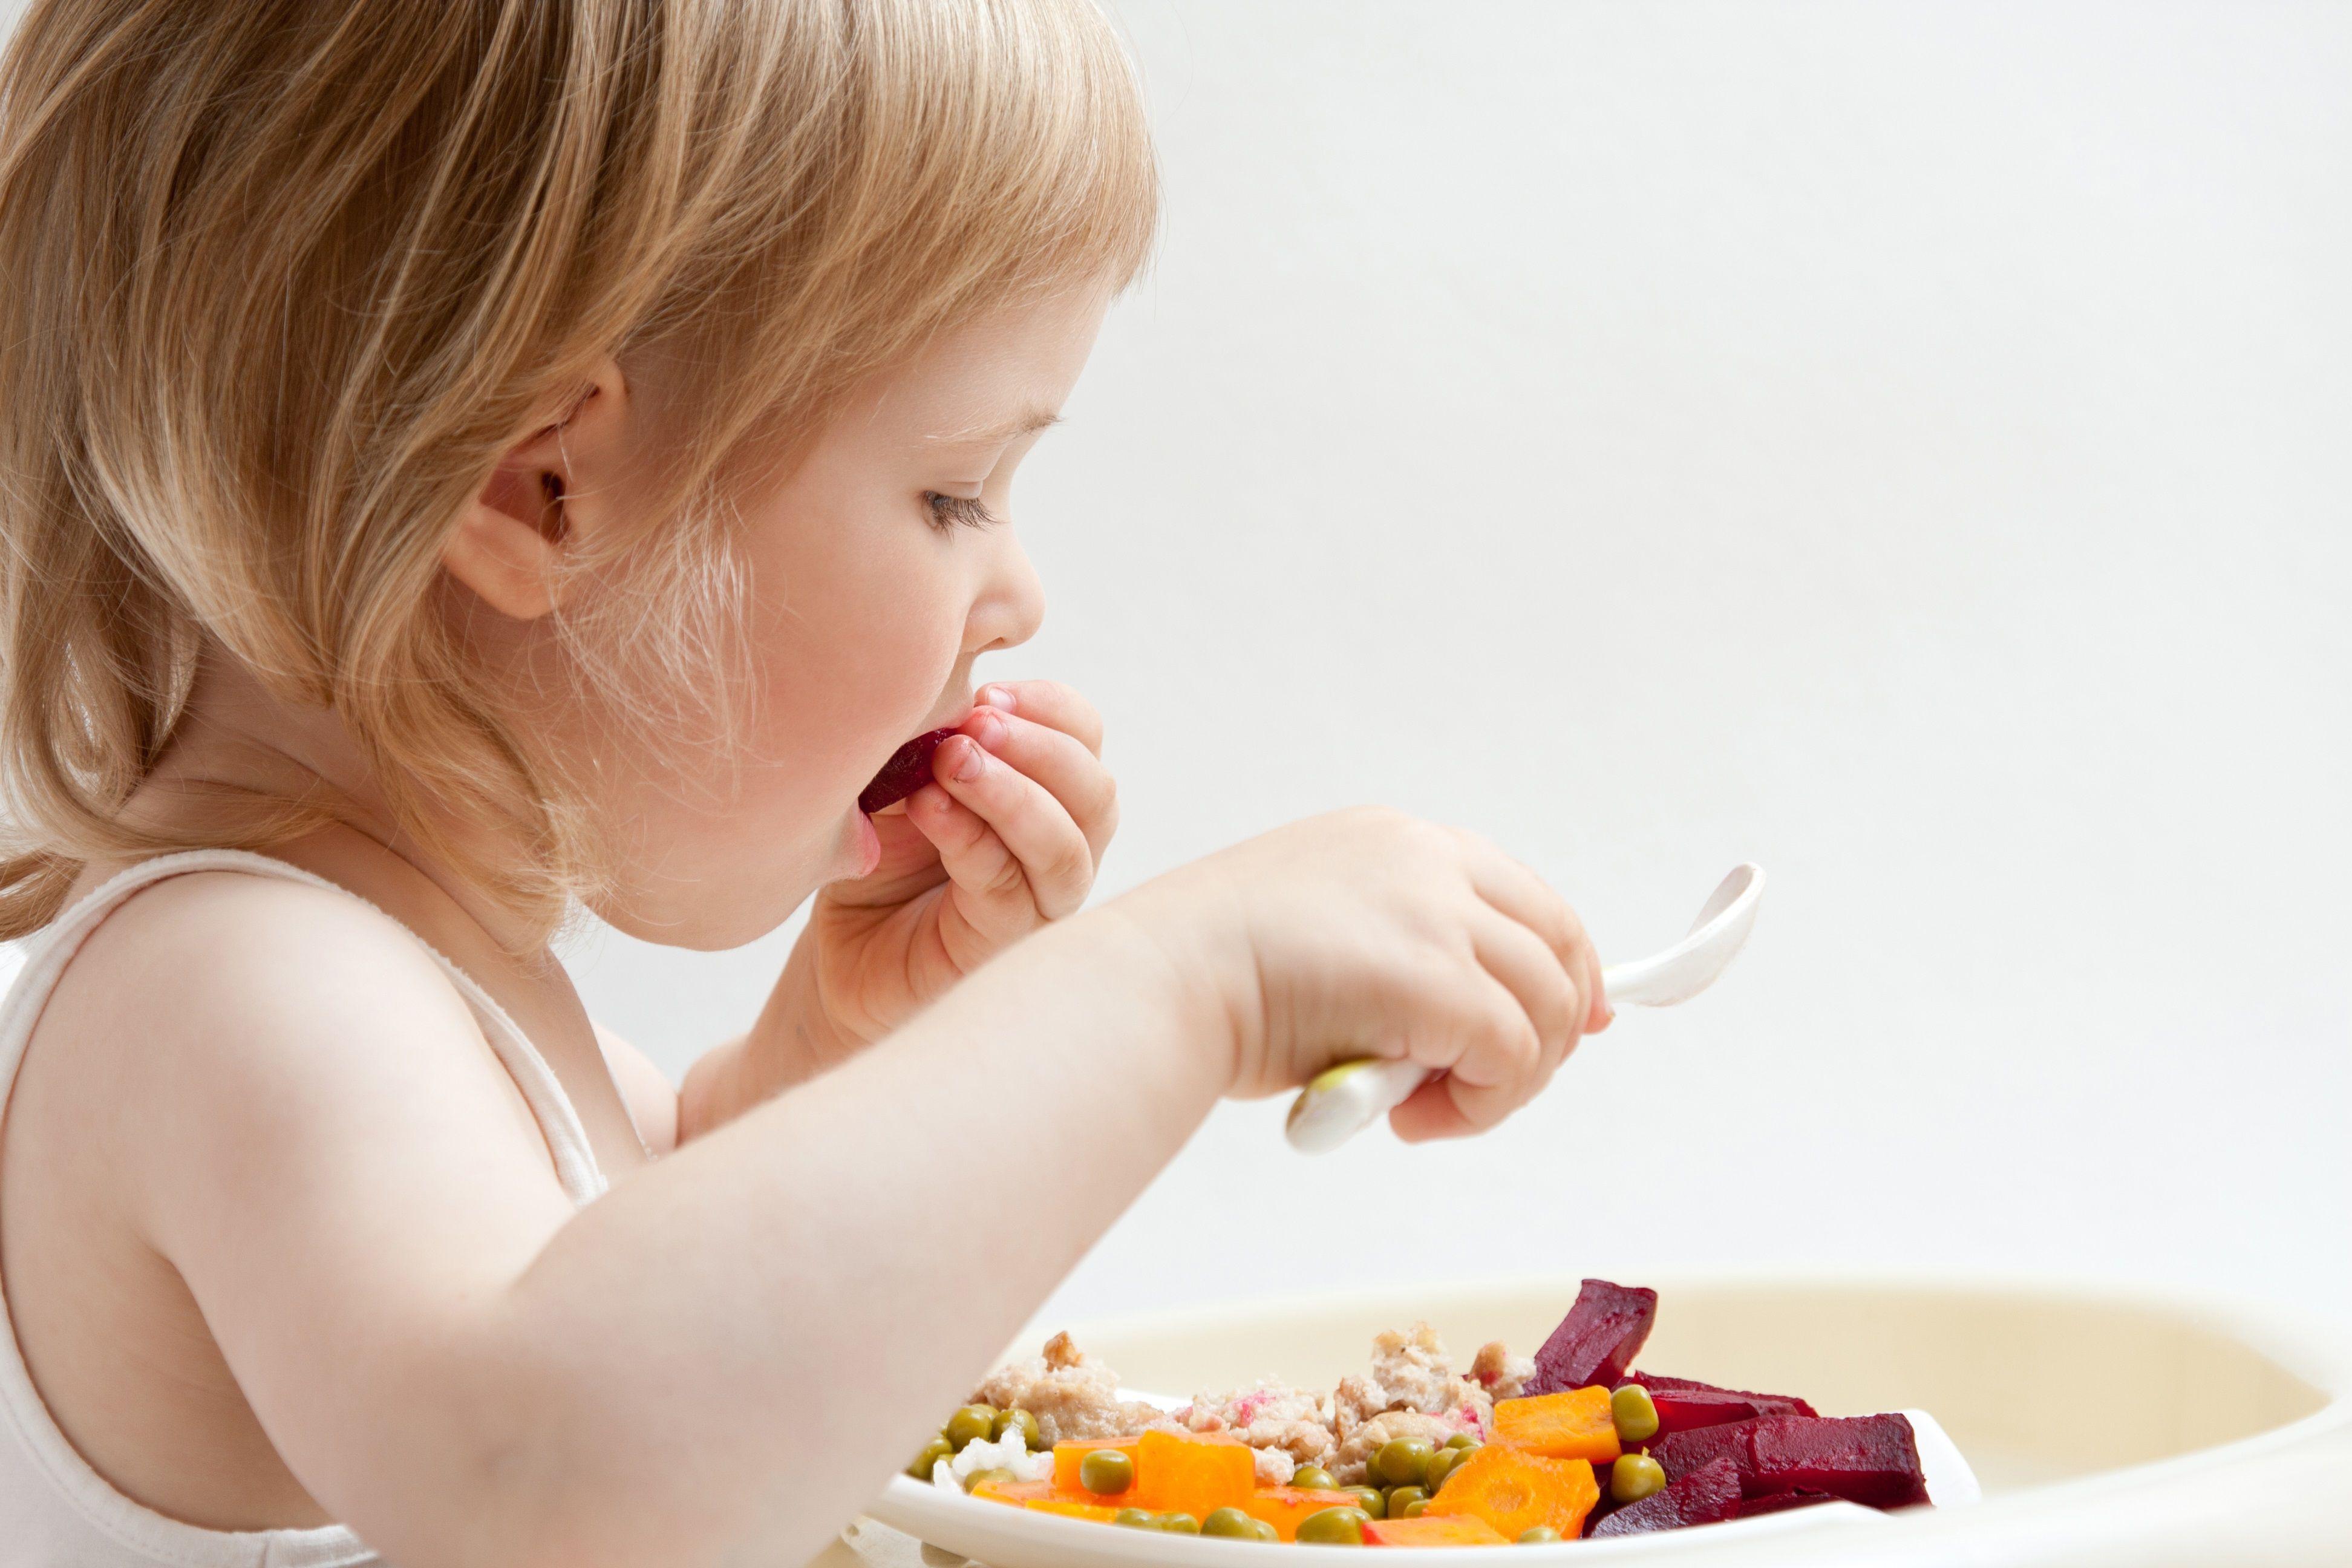 Alimentos que devem ser EVITADOS até dois anos de idade